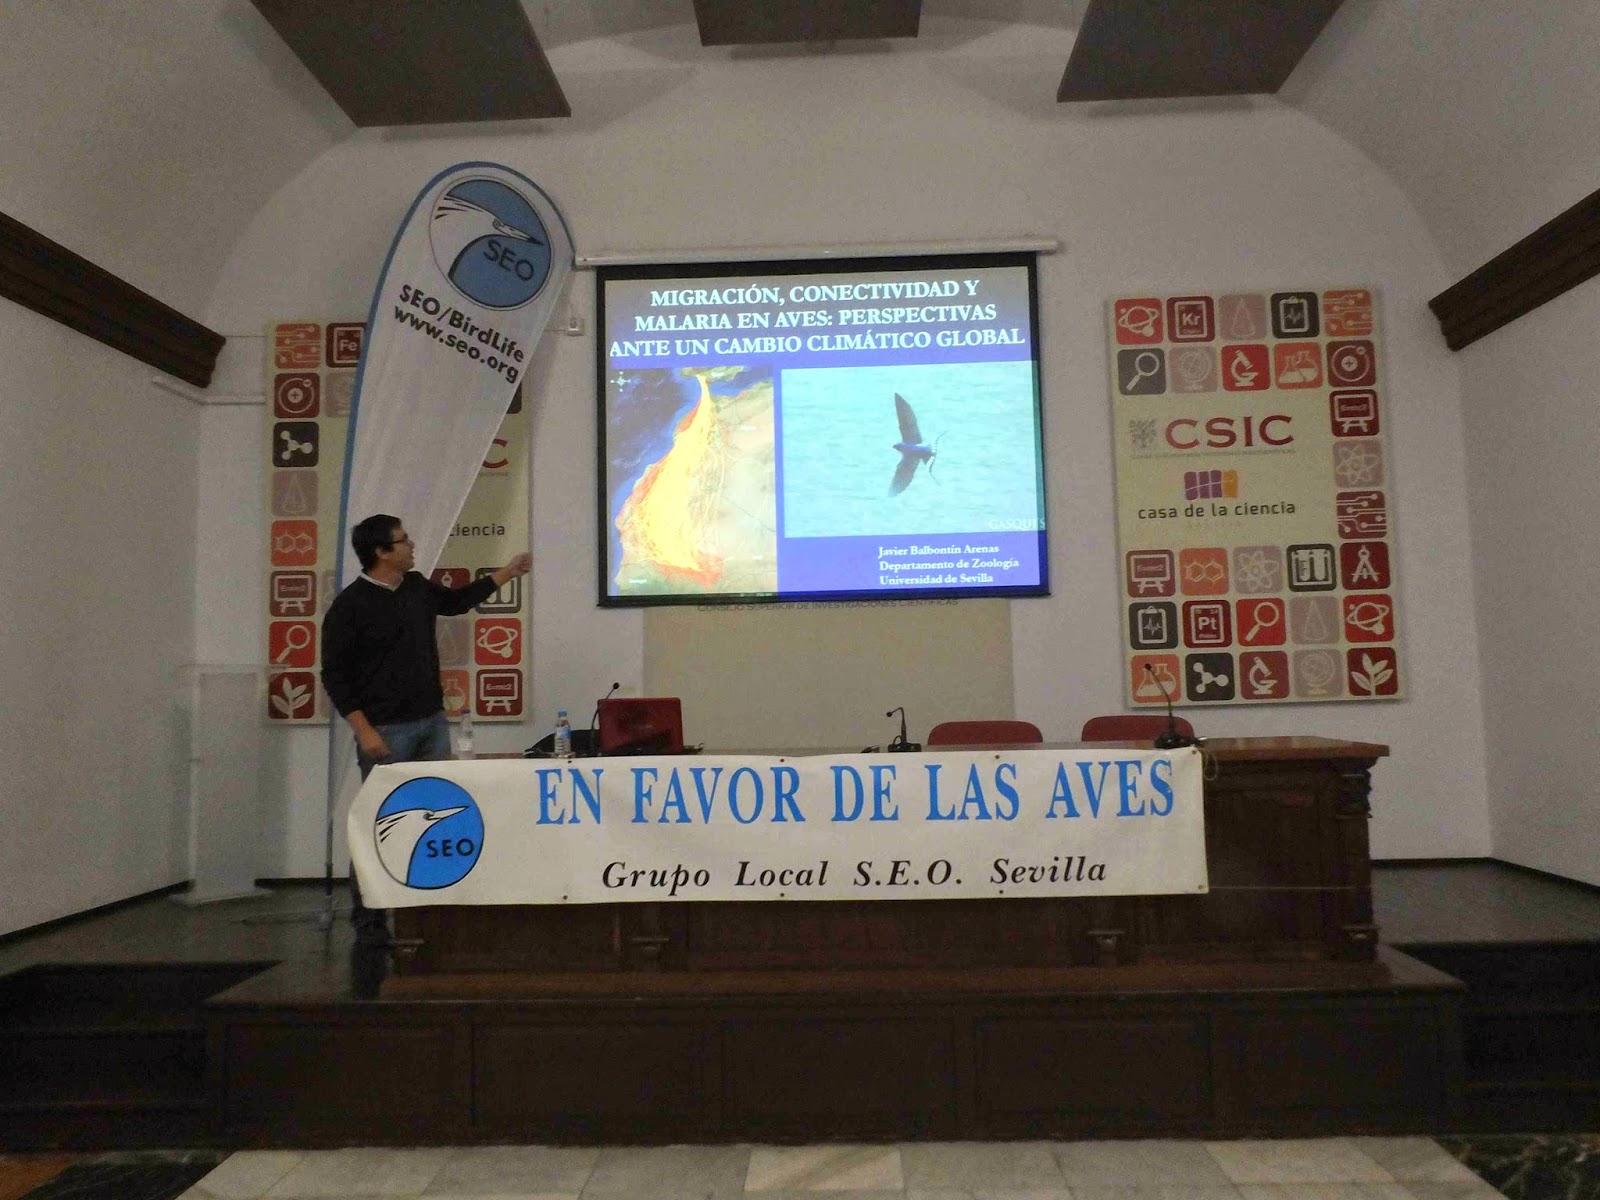 """Conferencia """"Migración, conectividad y malaria en aves"""". Por Javier Balbontín Arenas, en el ciclo Martes Ornitológicos que el Grupo Local SEO-Sevilla organiza en el museo Casa de la Ciencia de Sevilla"""